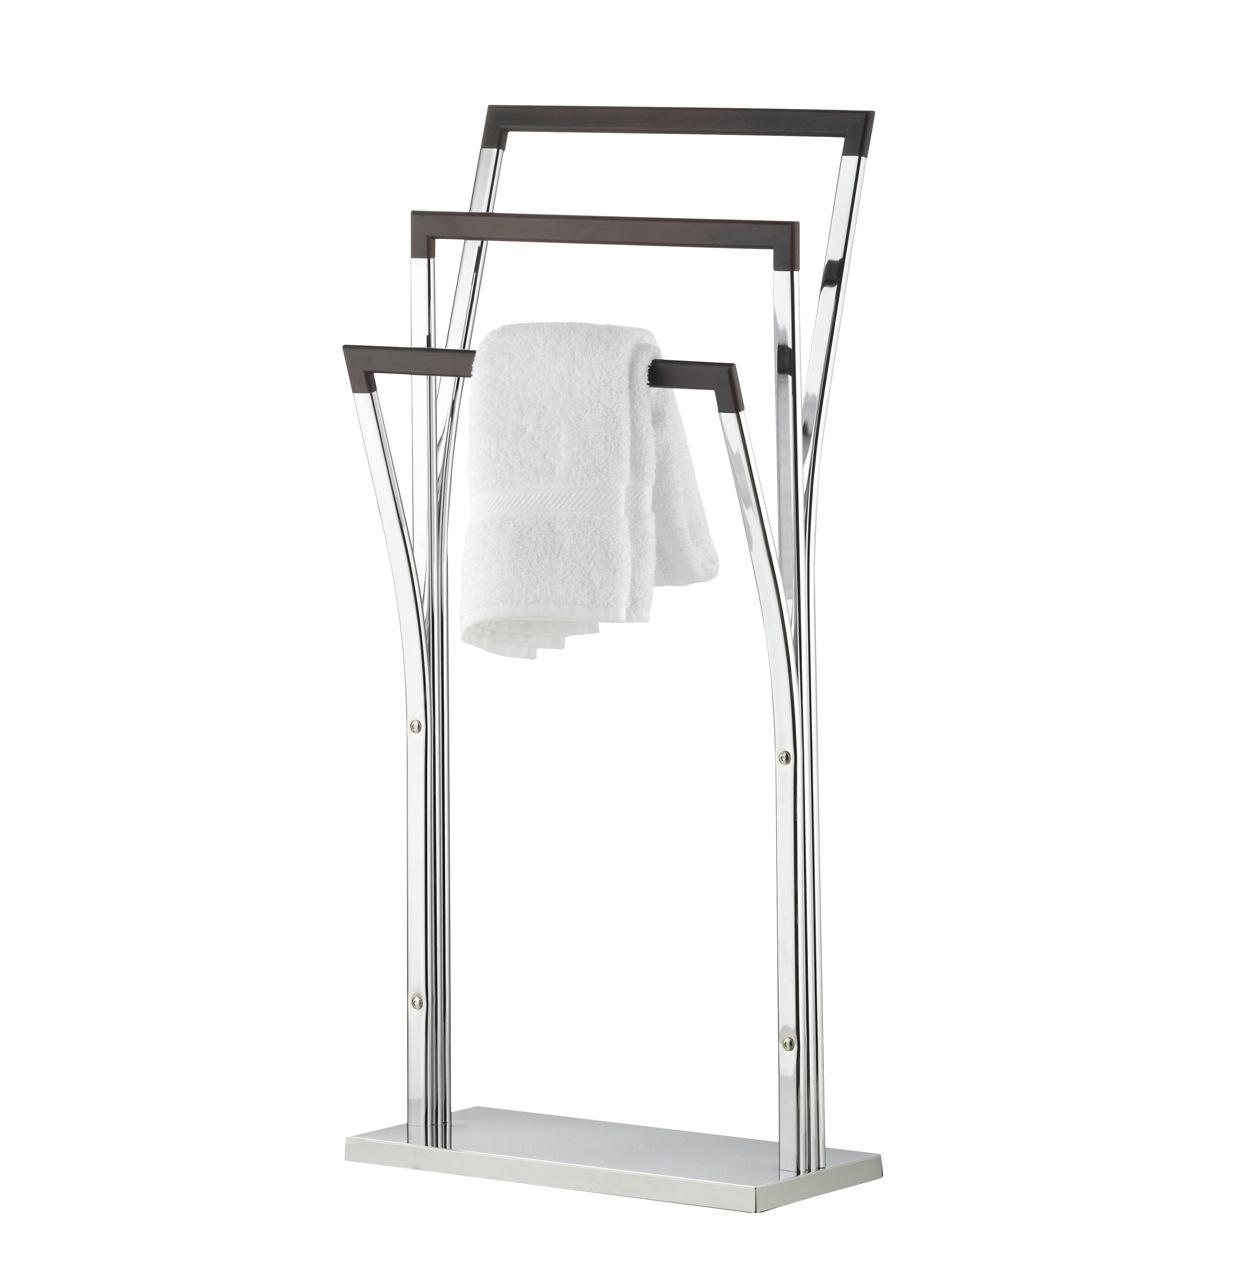 handtuchhalter handtuch halter st nder handtuchst nder standhanduchhalter ebay. Black Bedroom Furniture Sets. Home Design Ideas